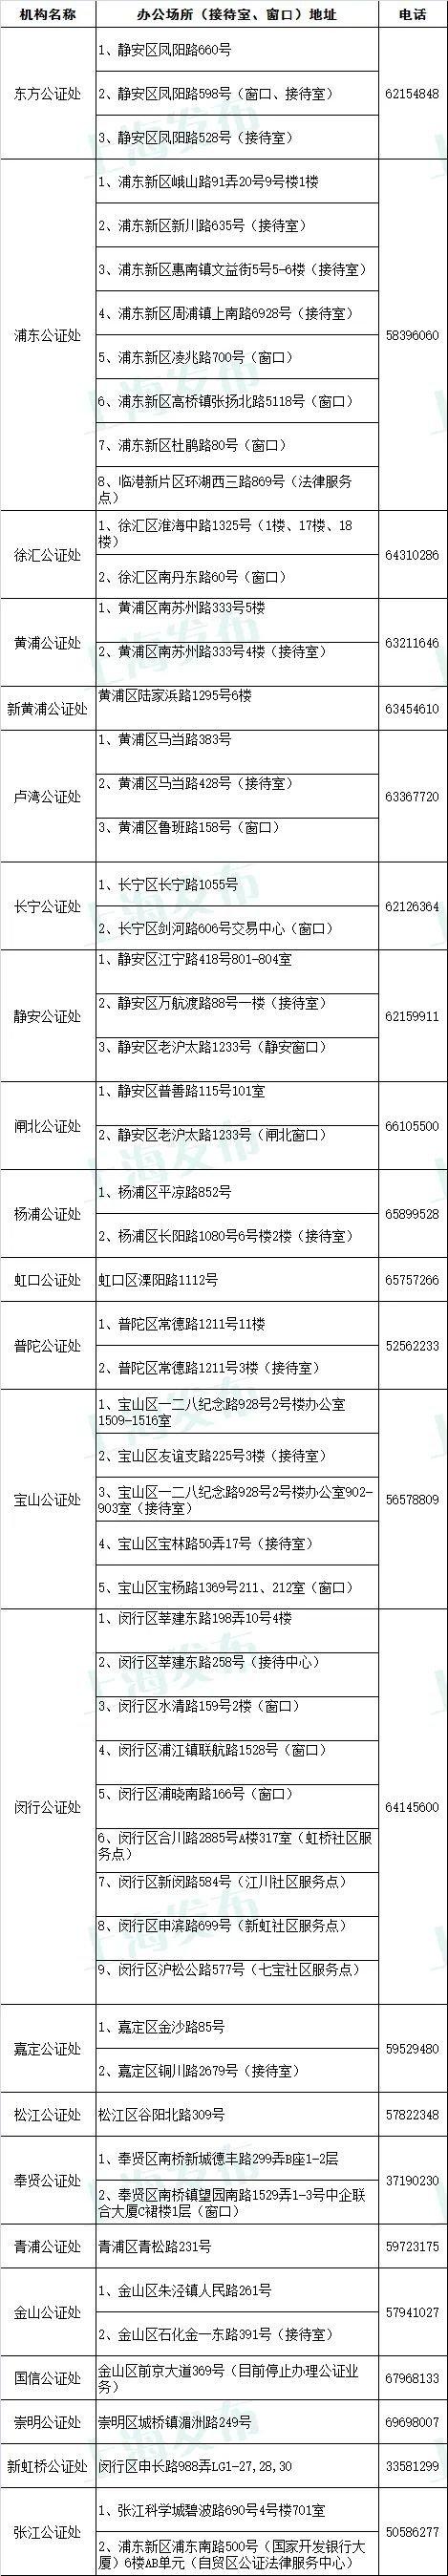 上海公证处名单、地址及电话一览表 ( 23家 )